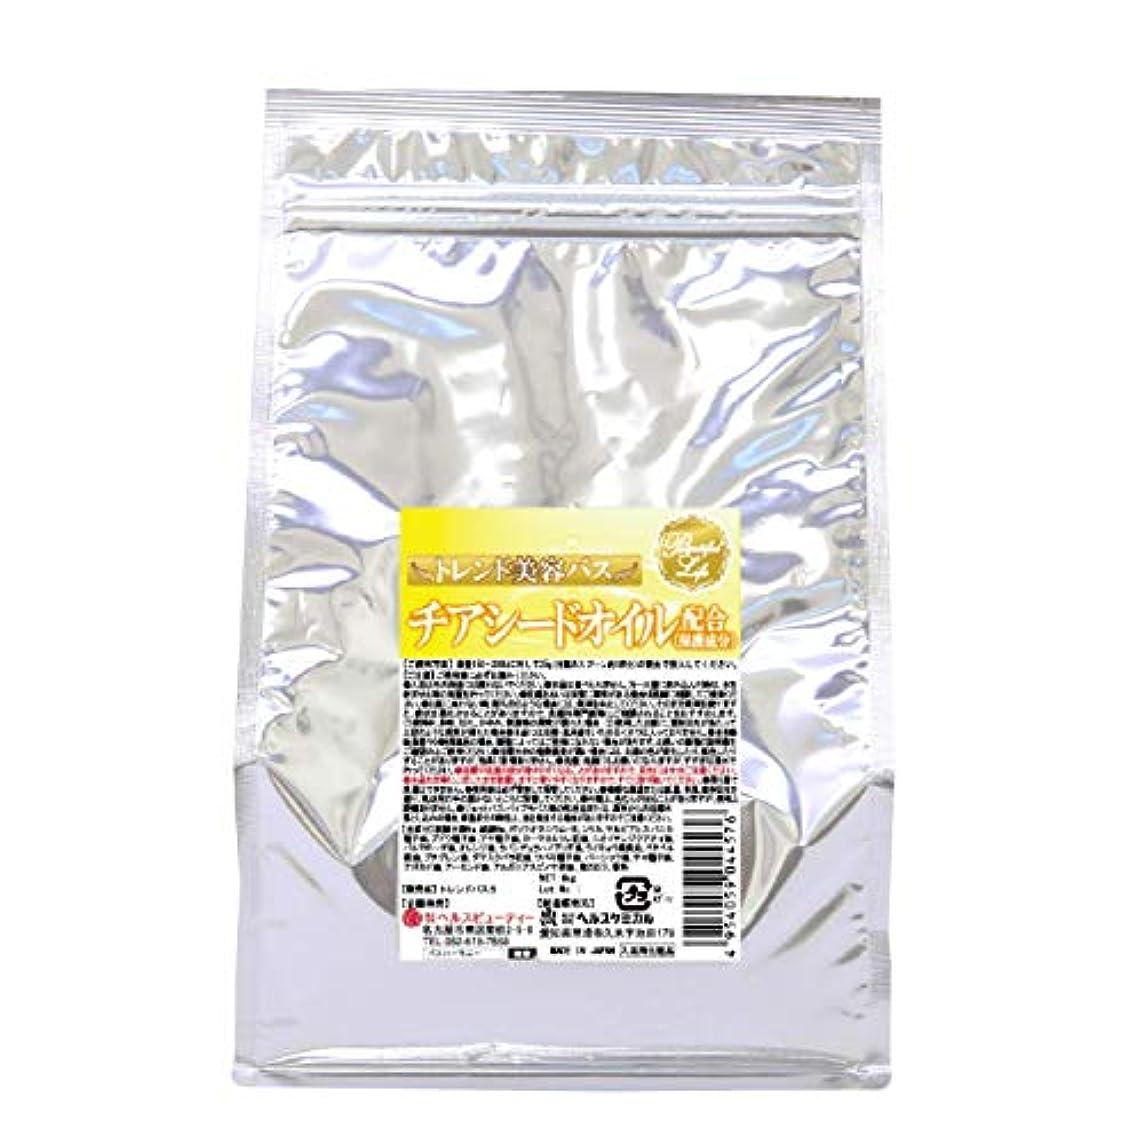 パブ南東ビジター入浴剤 湯匠仕込 チアシードオイル配合 1kg 50回分 お徳用